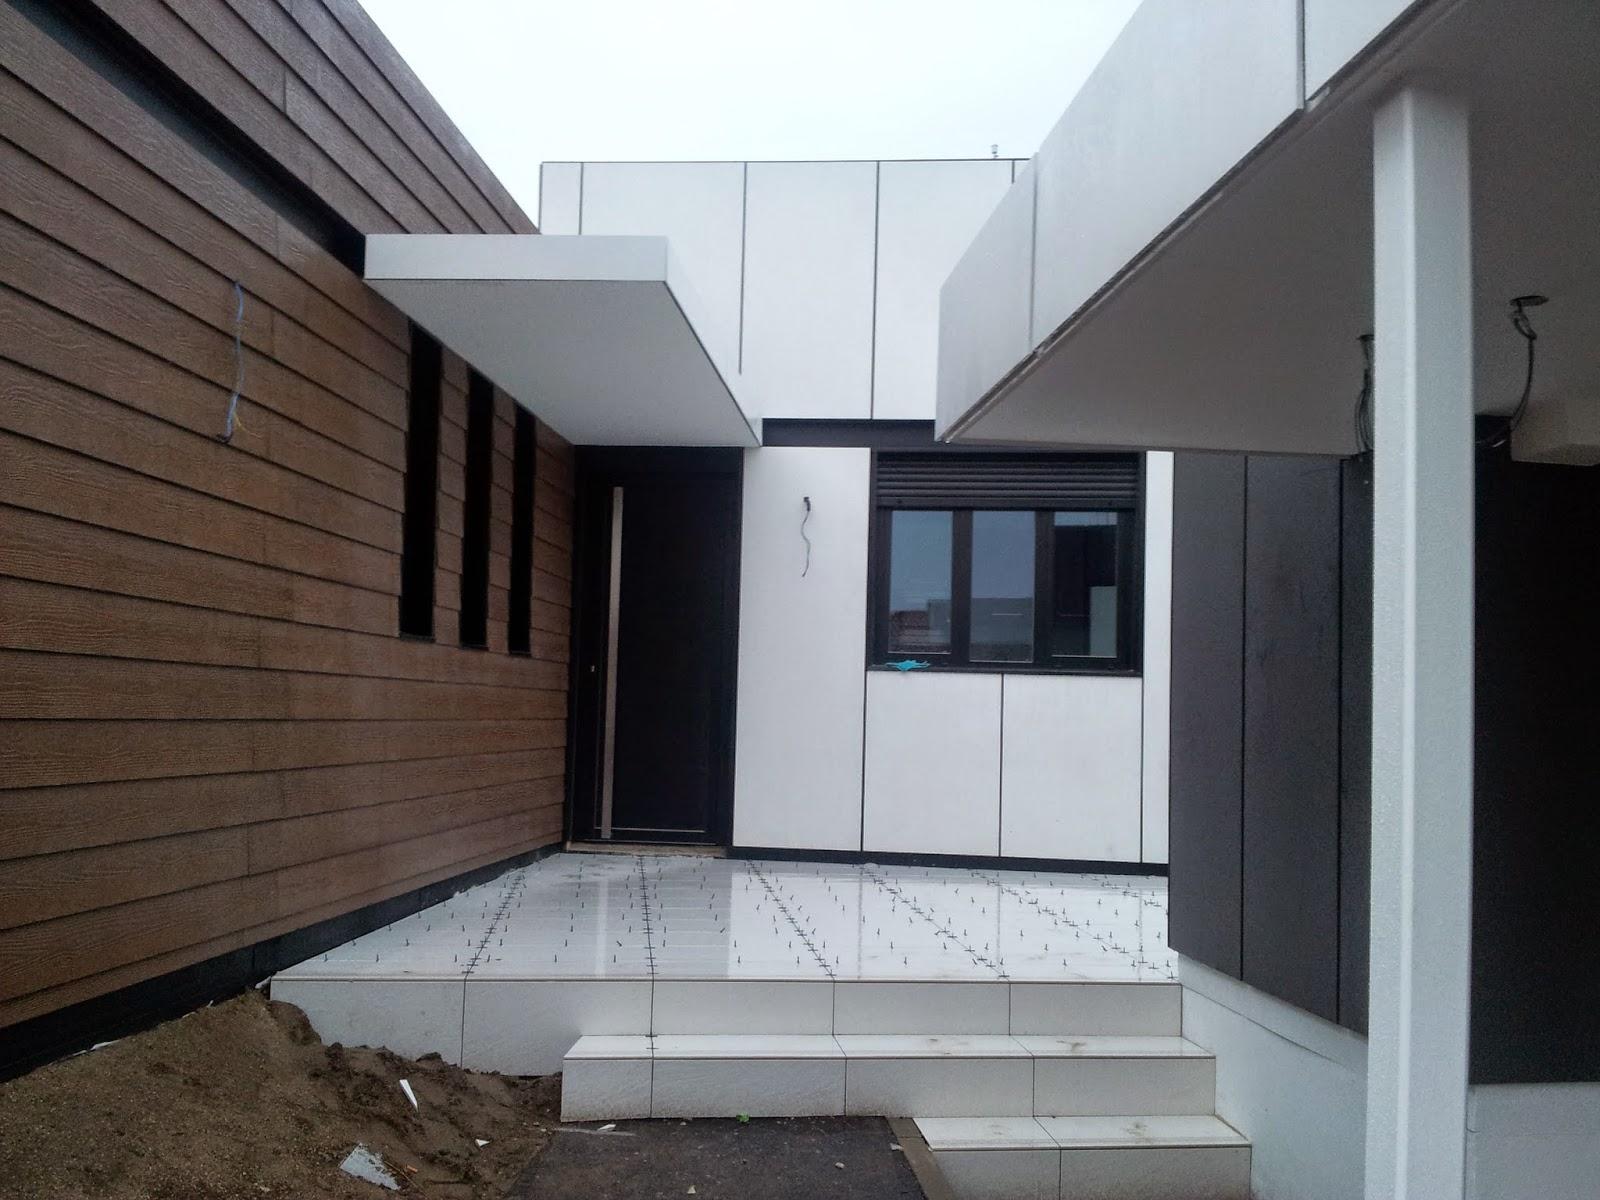 Detalle entrada vivienda modular Resan